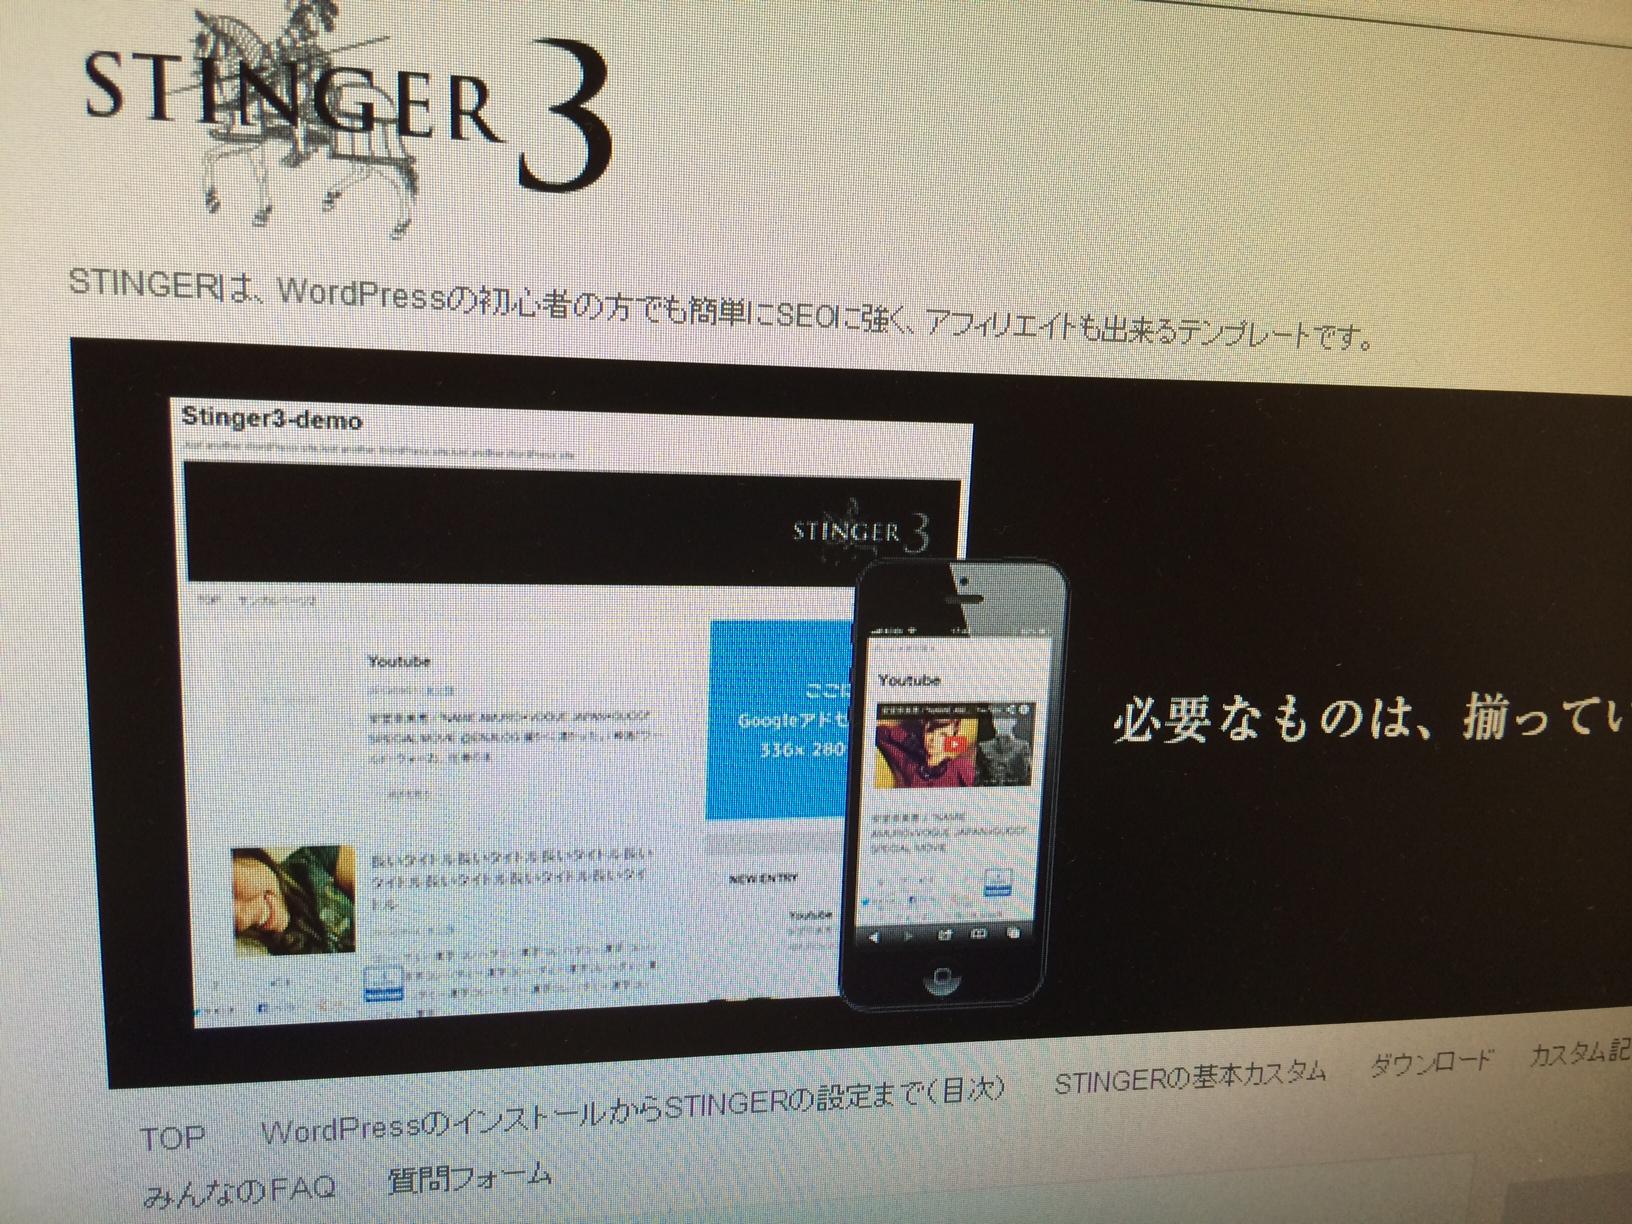 WordPressテーマを「Stinger3」に変更